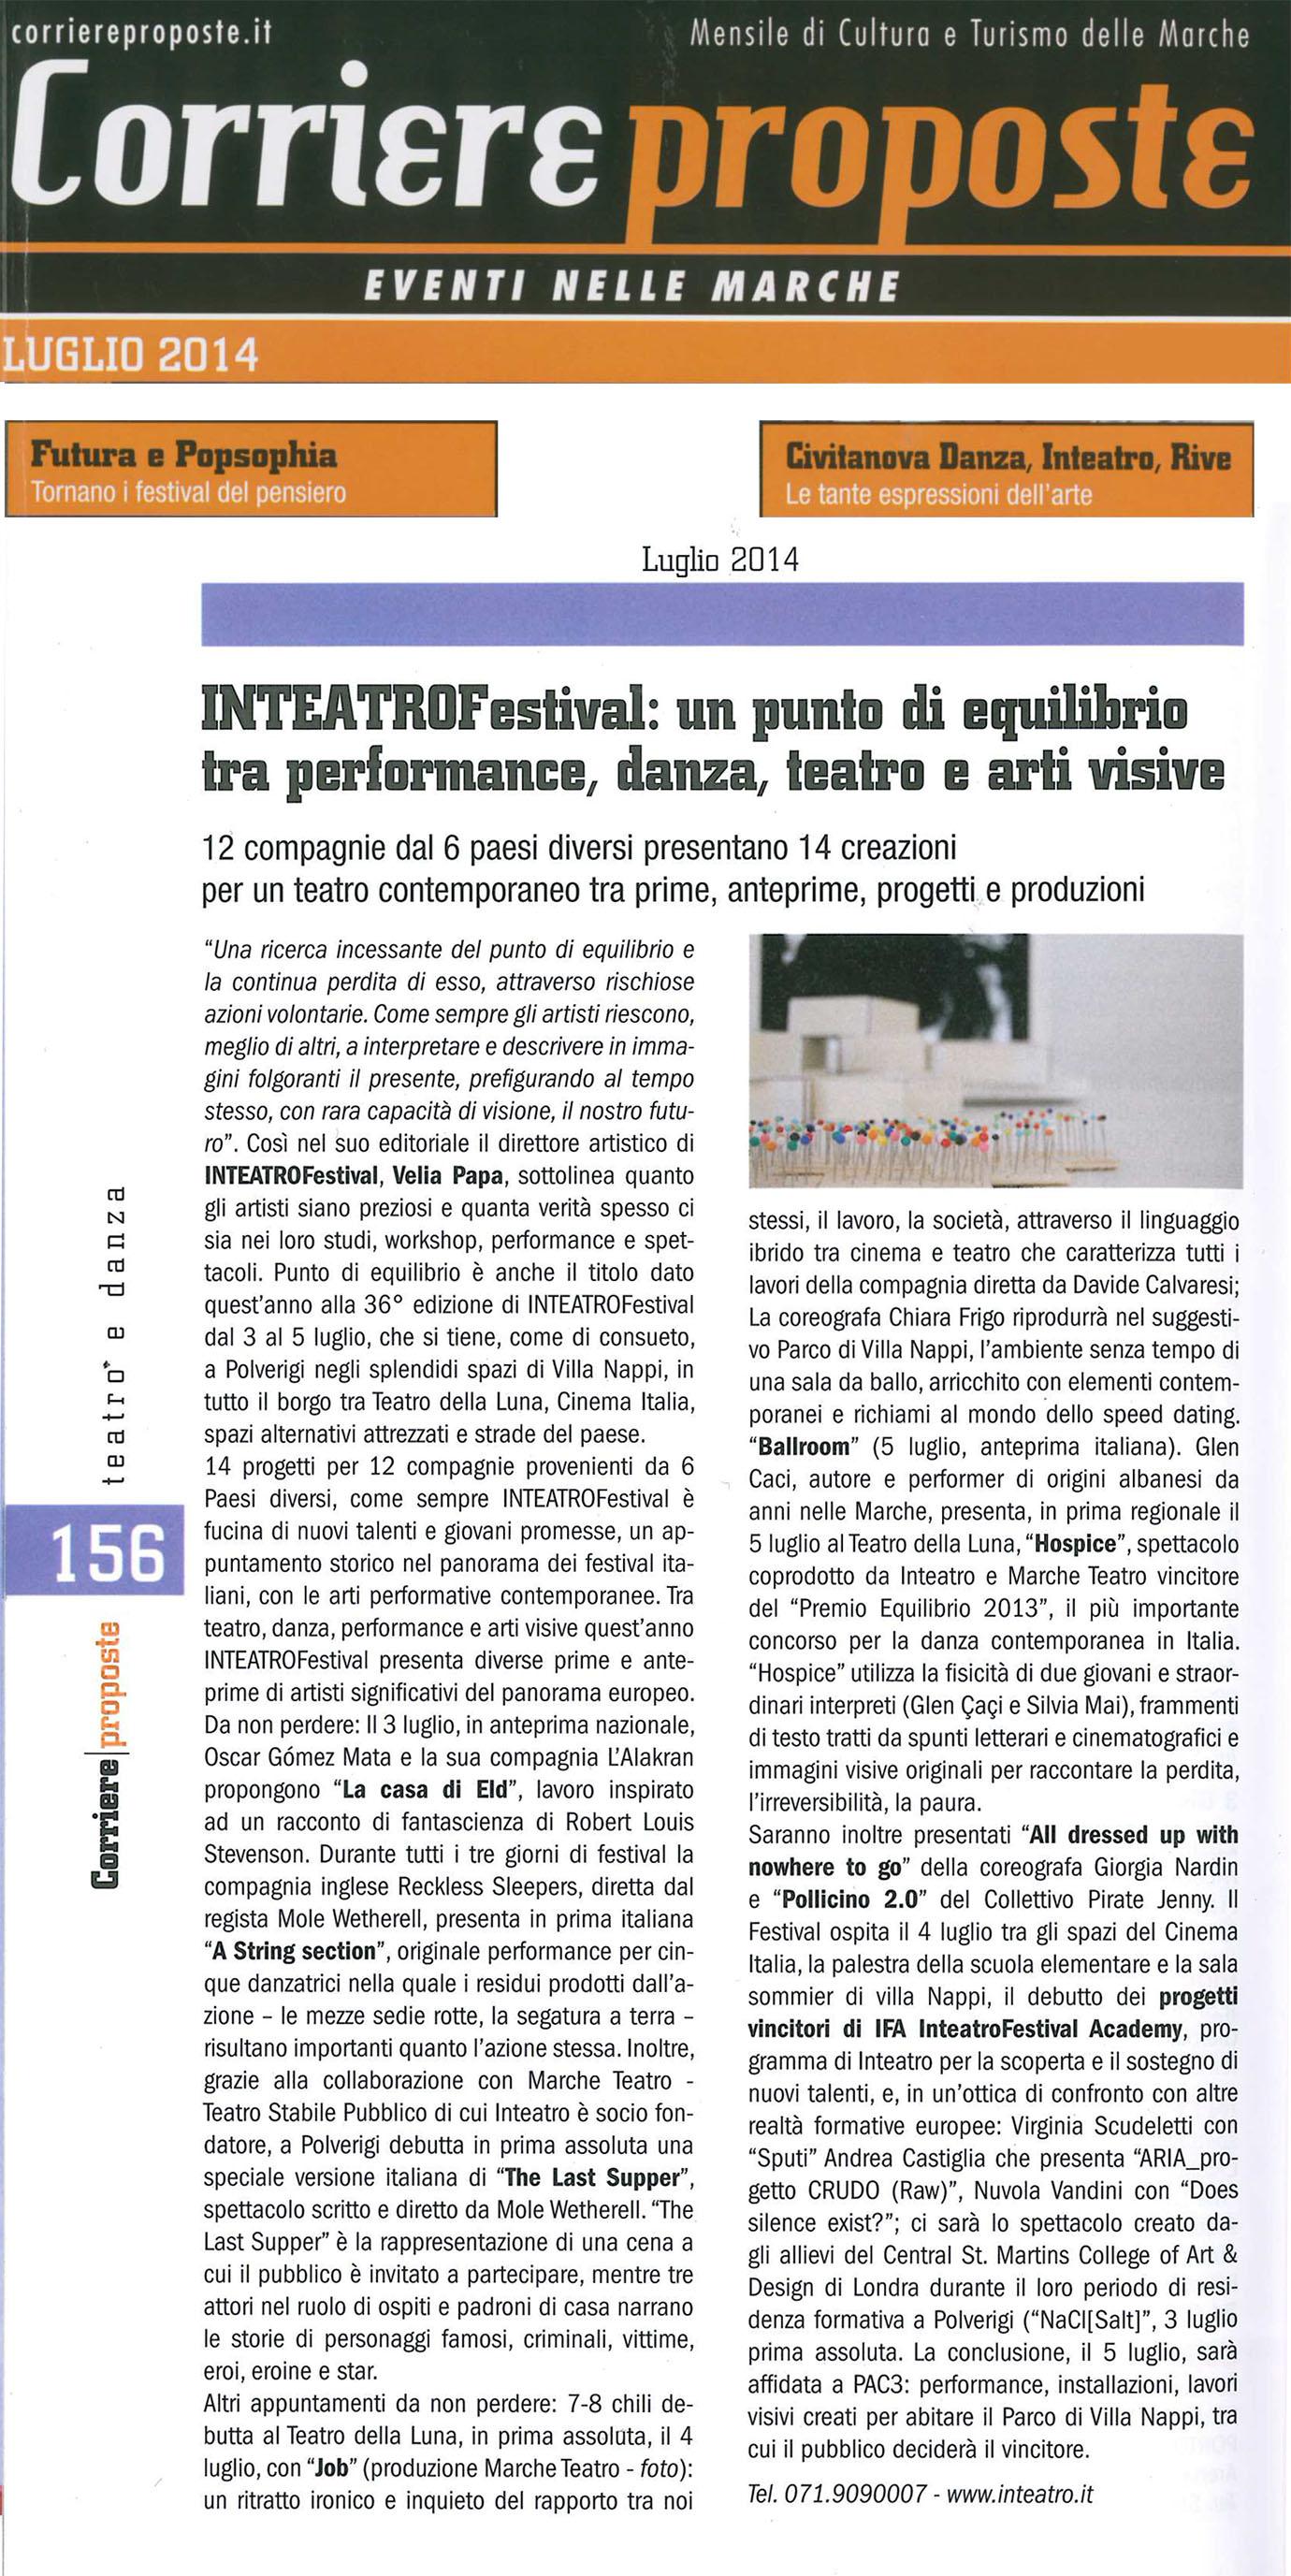 2014.07.01 INTEATROFESTIVAL un punto di equilibrio tra performance, danza teatro e arti visive - Corriere Proposte